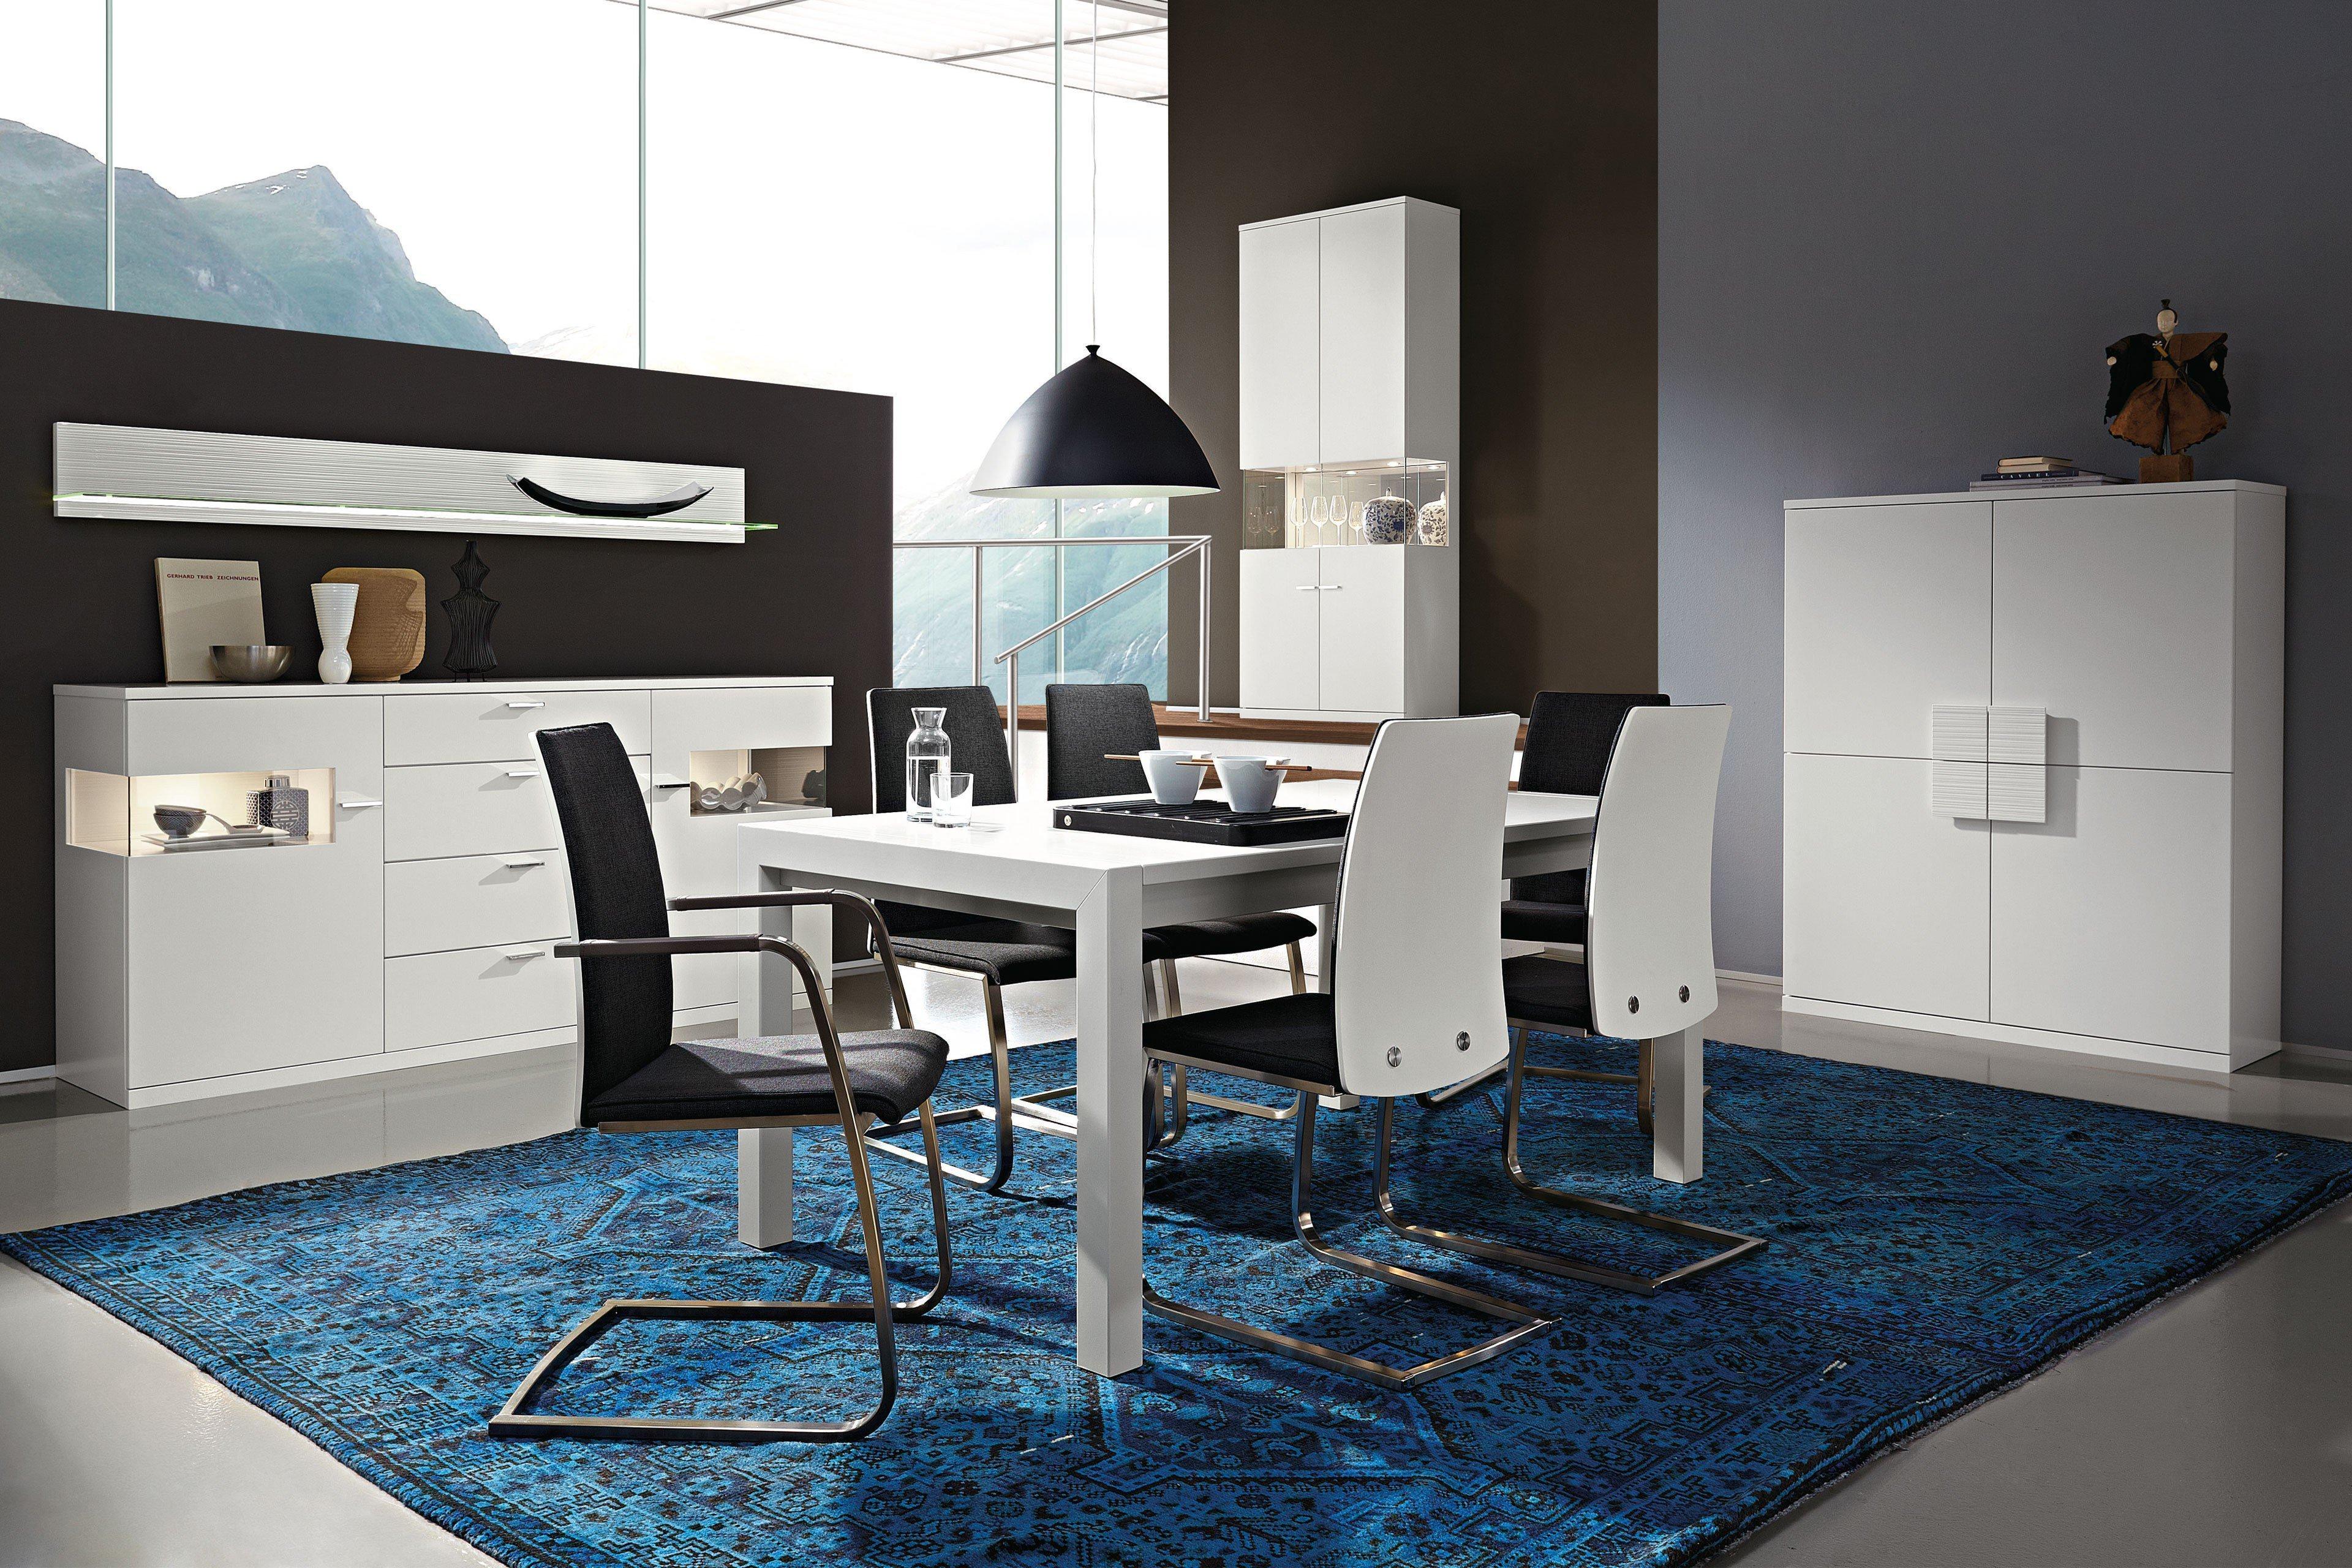 rietberger esszimmer lodano lack wei edelstahlfarbig m bel letz ihr online shop. Black Bedroom Furniture Sets. Home Design Ideas